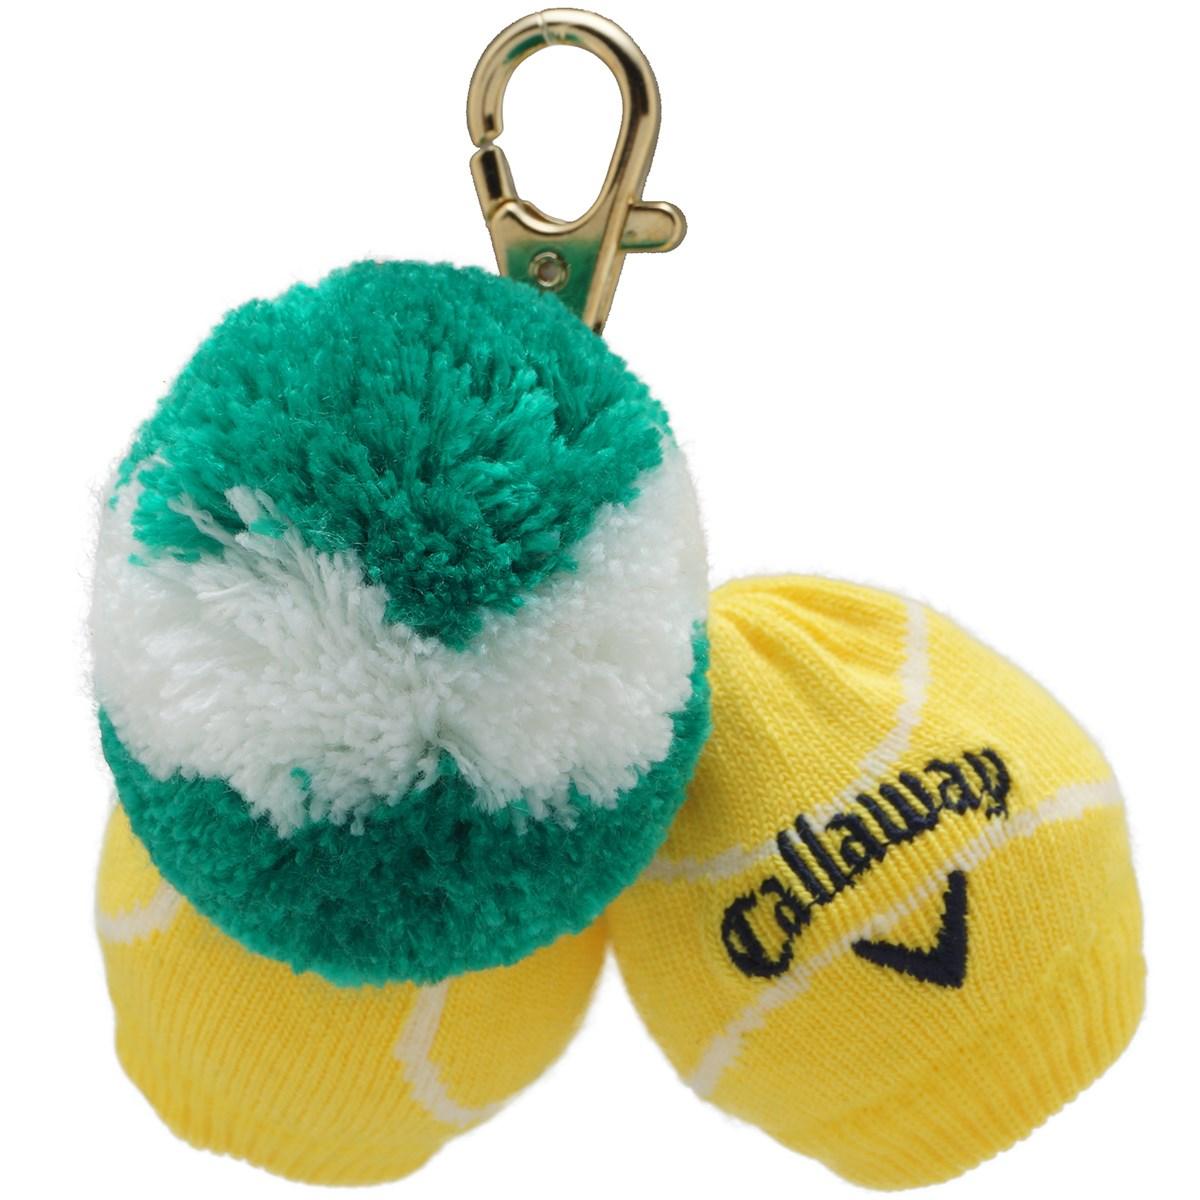 キャロウェイゴルフ(Callaway Golf) ニット ボールポーチ